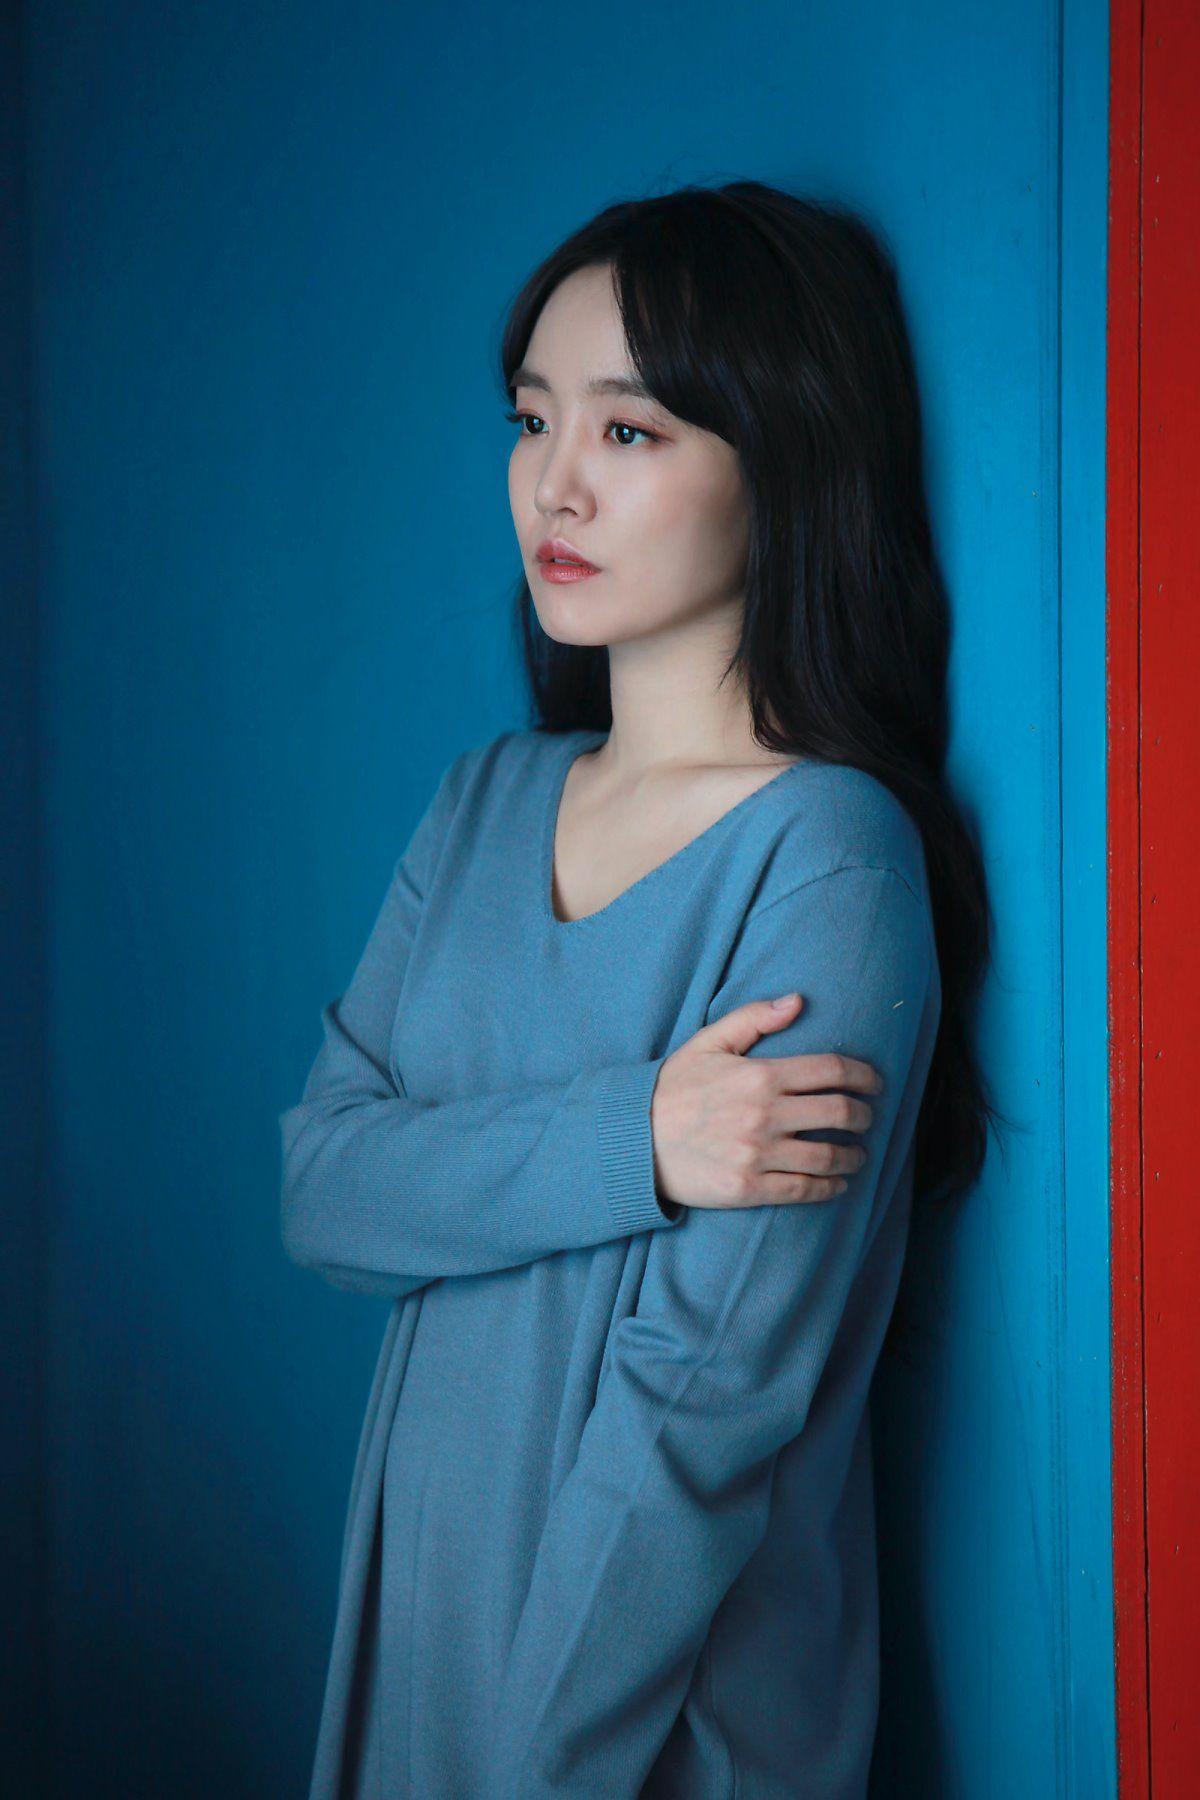 Kpop Younha Girl Korean Blue Red Female Artists Kpop Girls Beauty